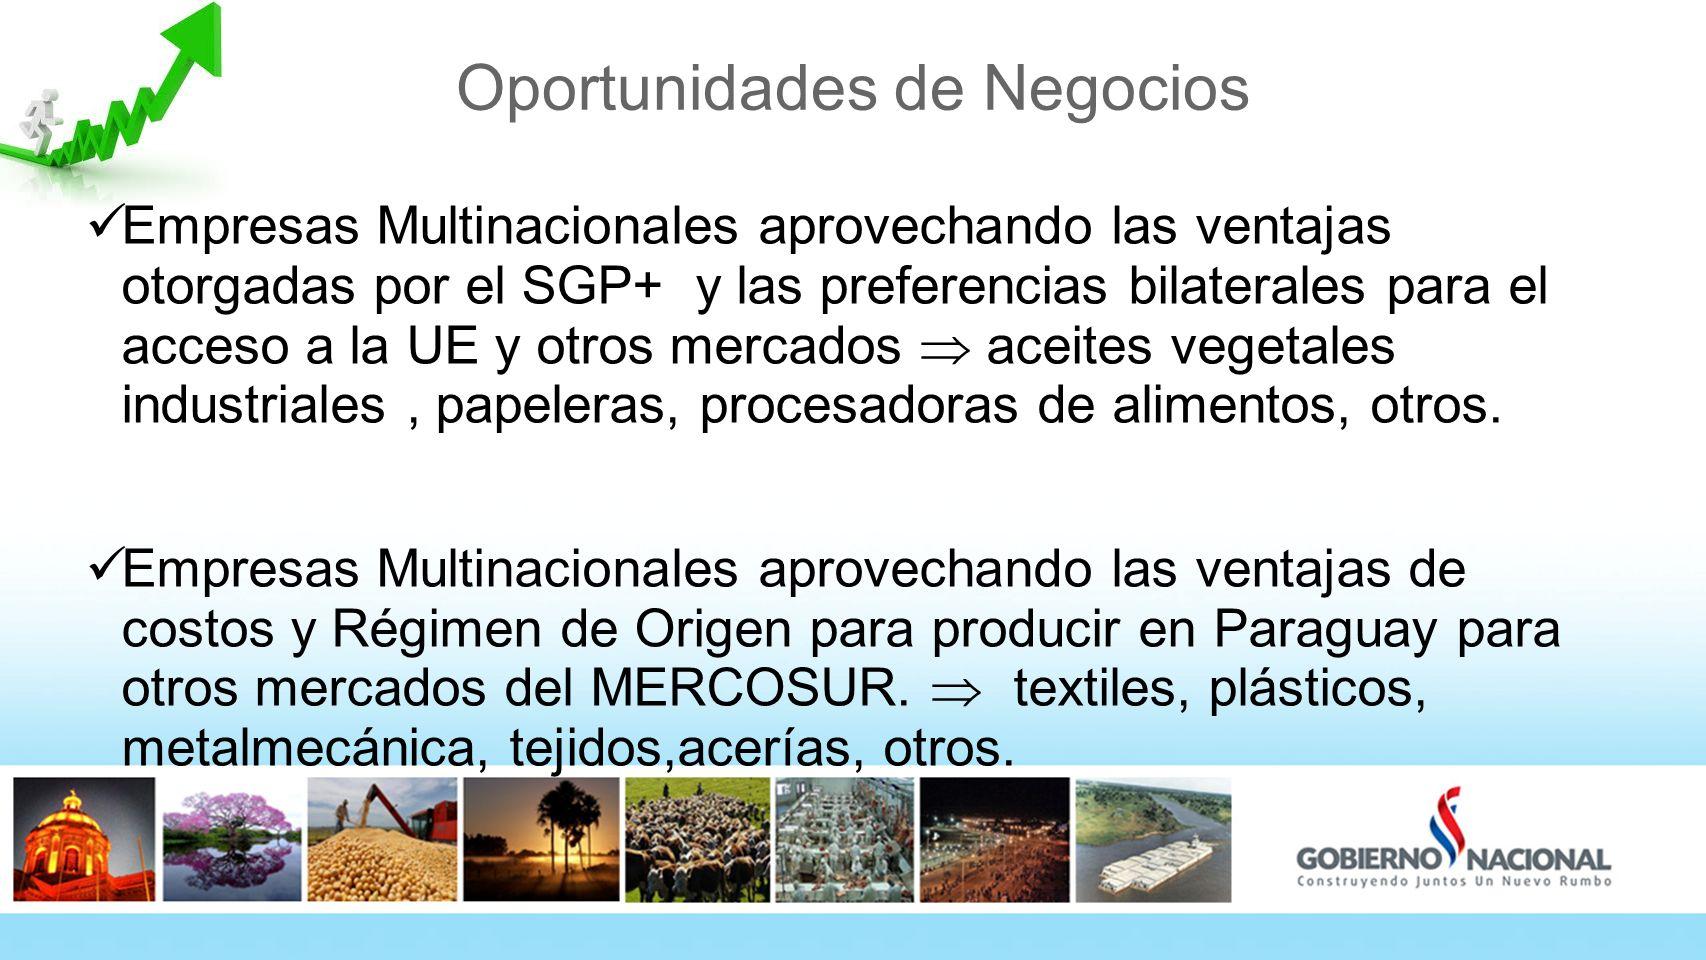 Oportunidades de Negocios Empresas Multinacionales aprovechando las ventajas otorgadas por el SGP+ y las preferencias bilaterales para el acceso a la UE y otros mercados aceites vegetales industriales, papeleras, procesadoras de alimentos, otros.